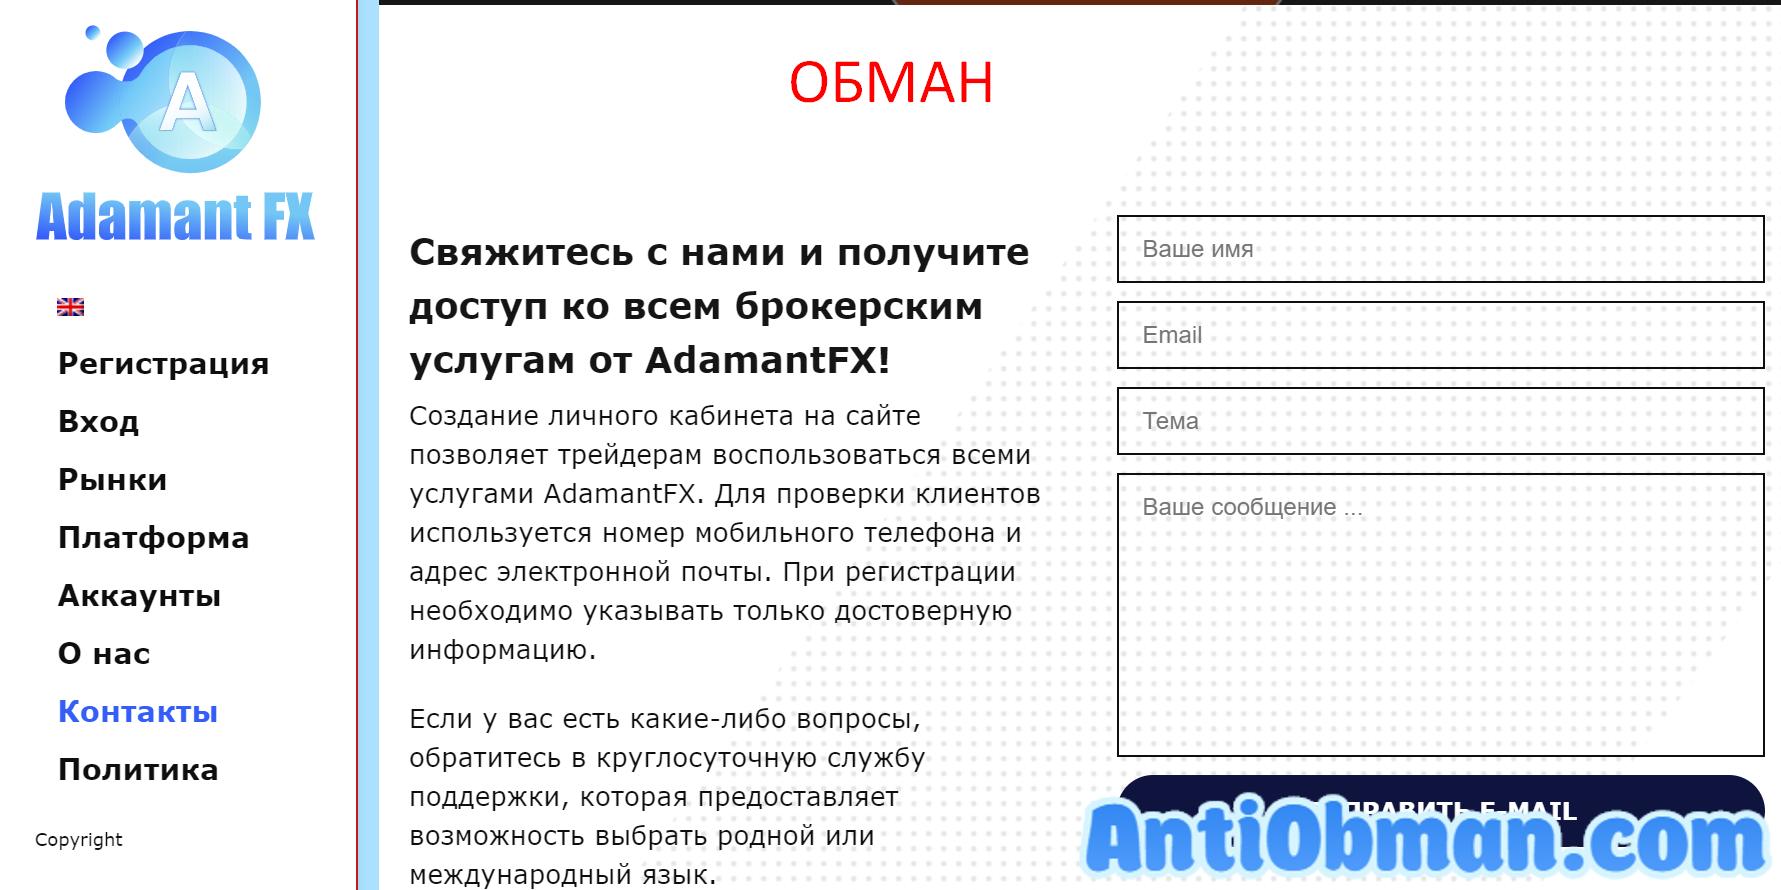 Adamant Fx - сомнительный брокер. Отзывы о adamantfx.io